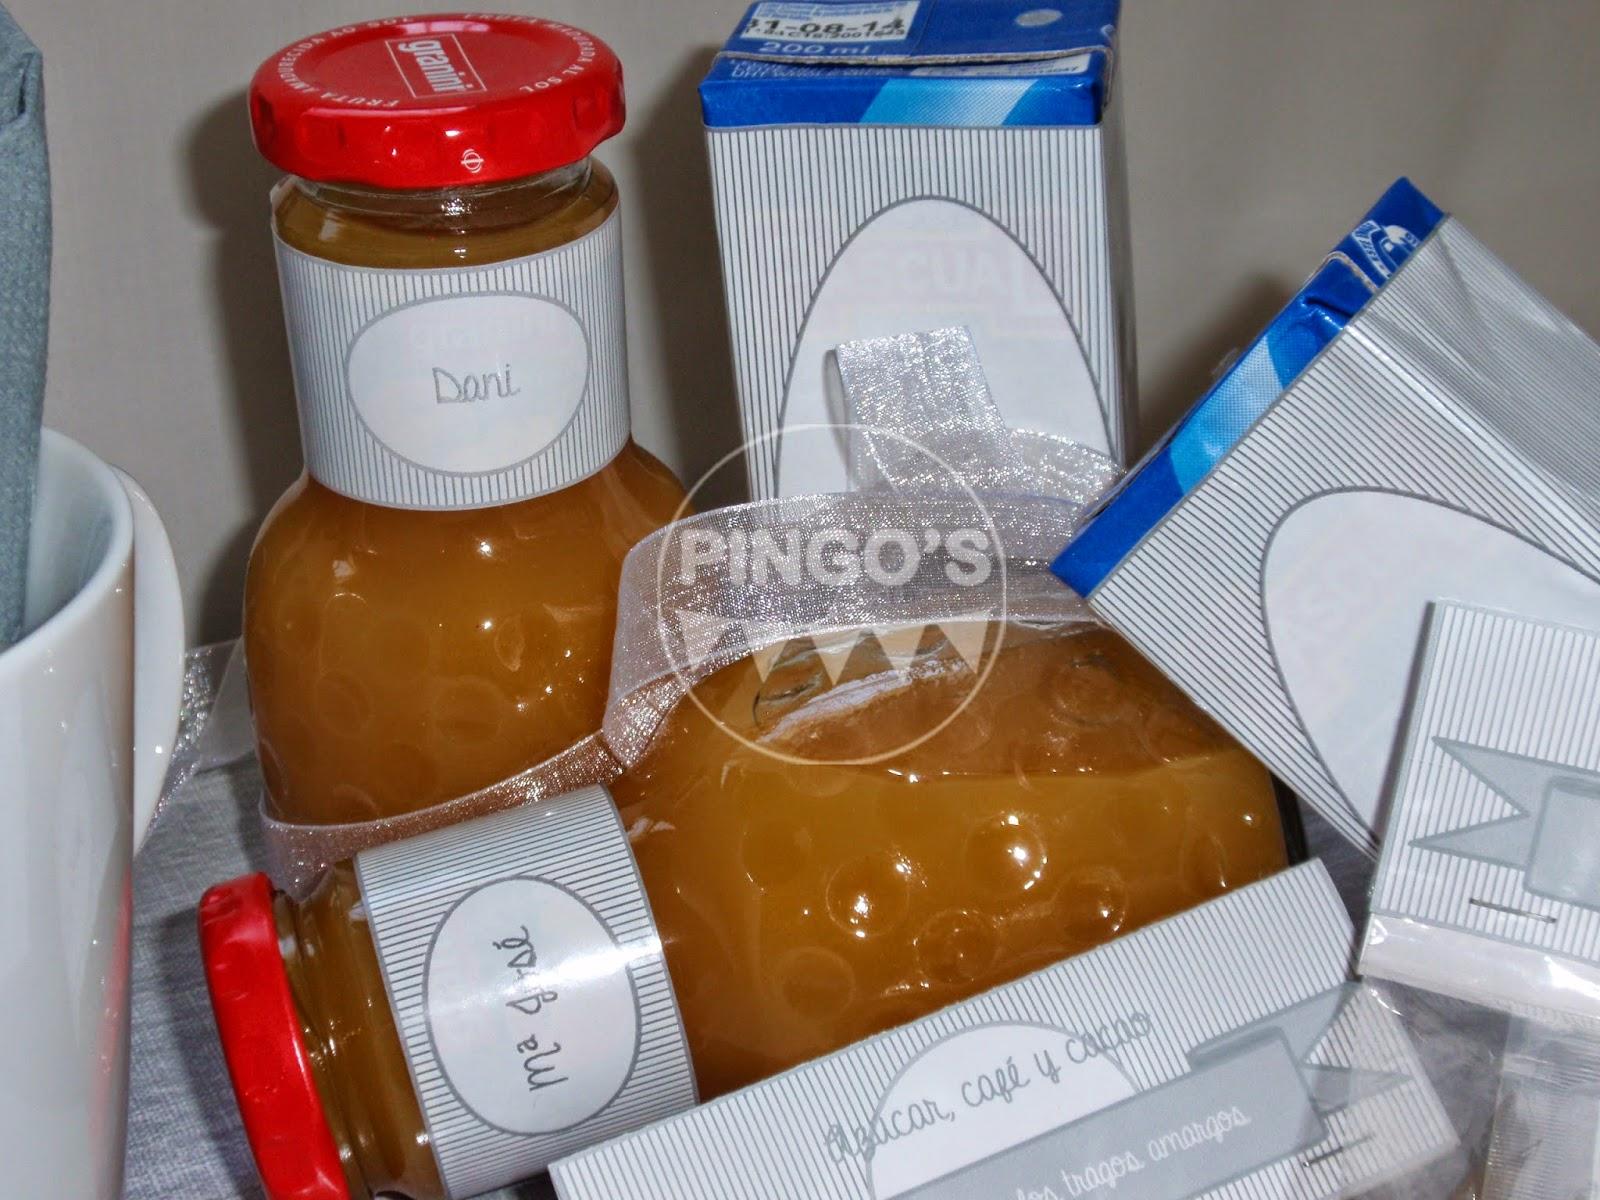 Pingo 39 s regalo para reci n casados - Sorpresas para recien casados ...